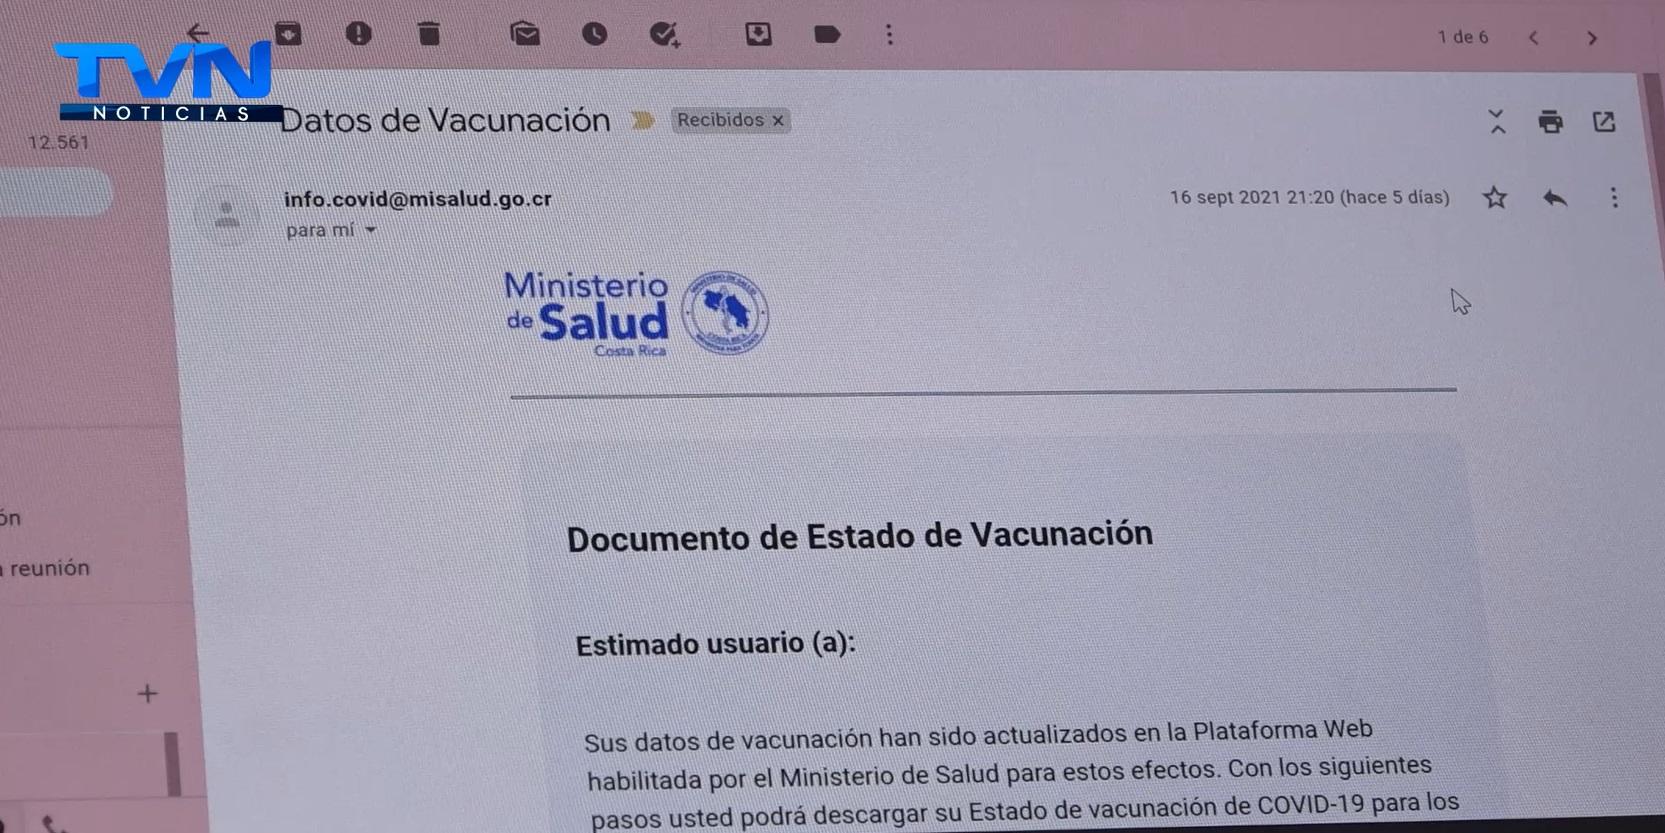 El correo sobre certificado de vacunación no es una estafa